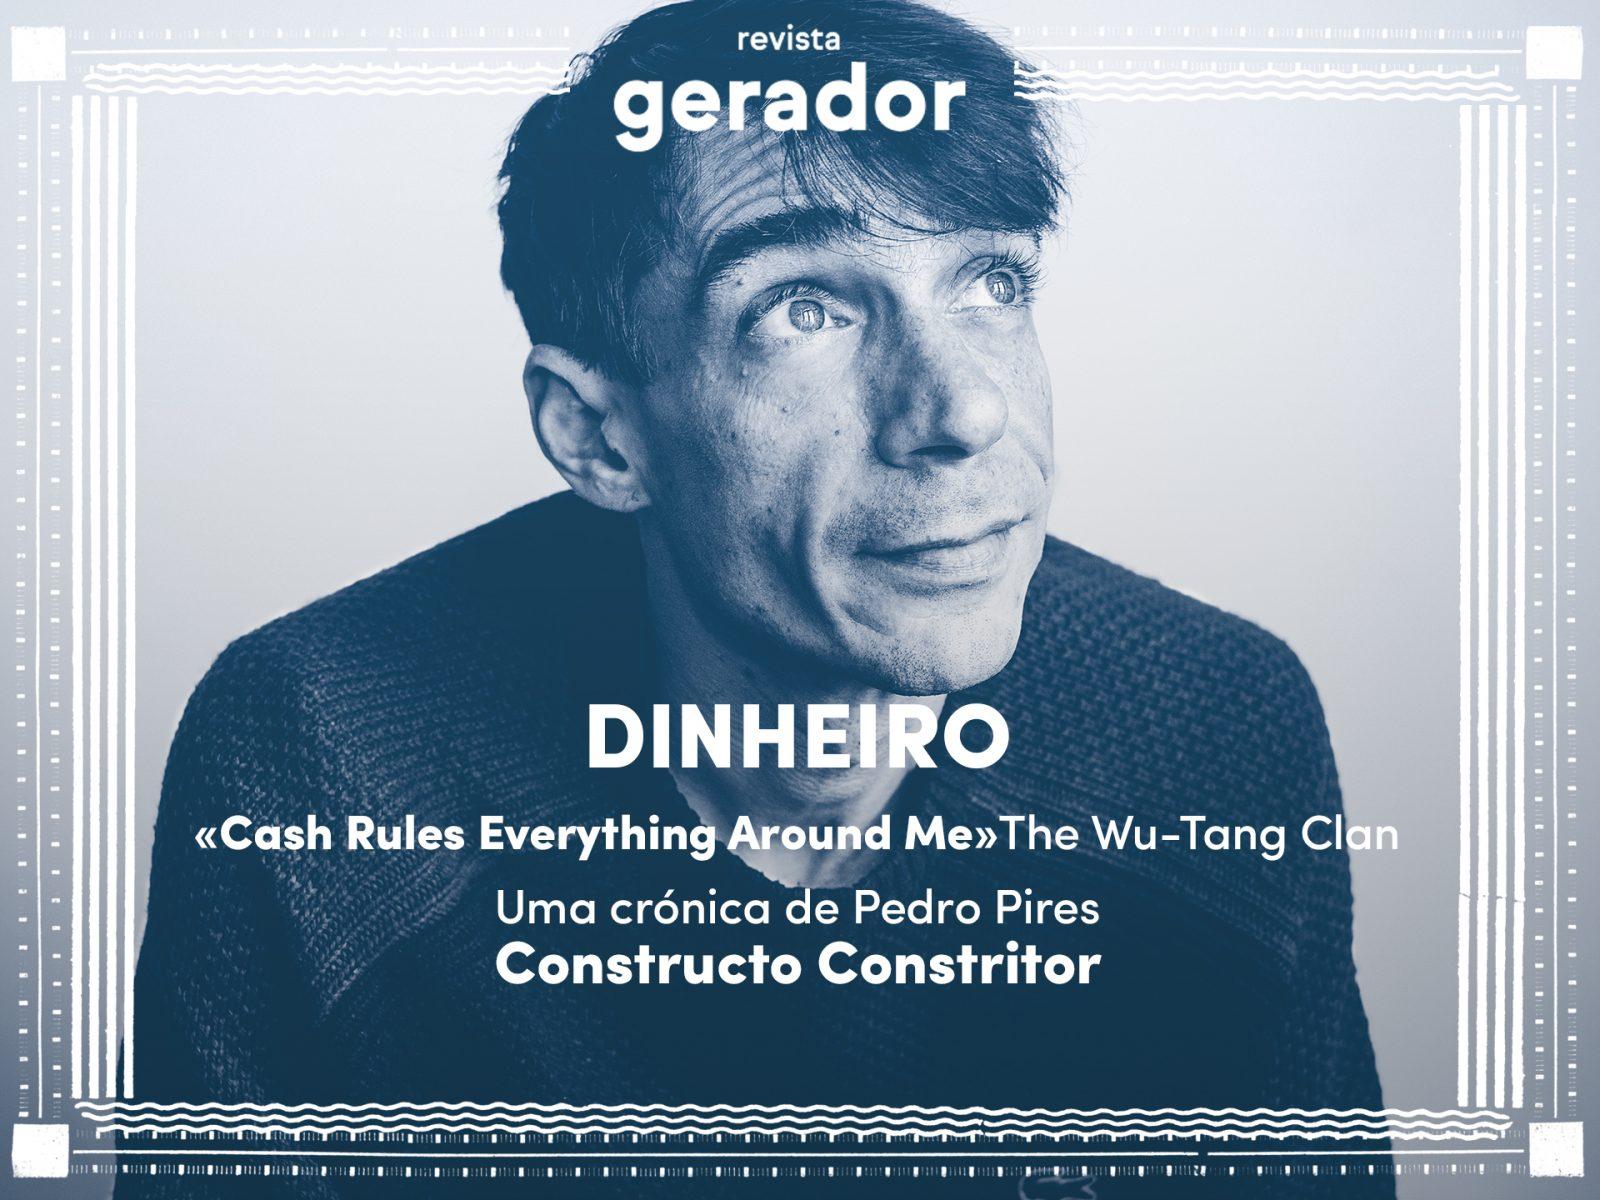 gerador-revista-constrcto-constritor-cronica-pedro-pires